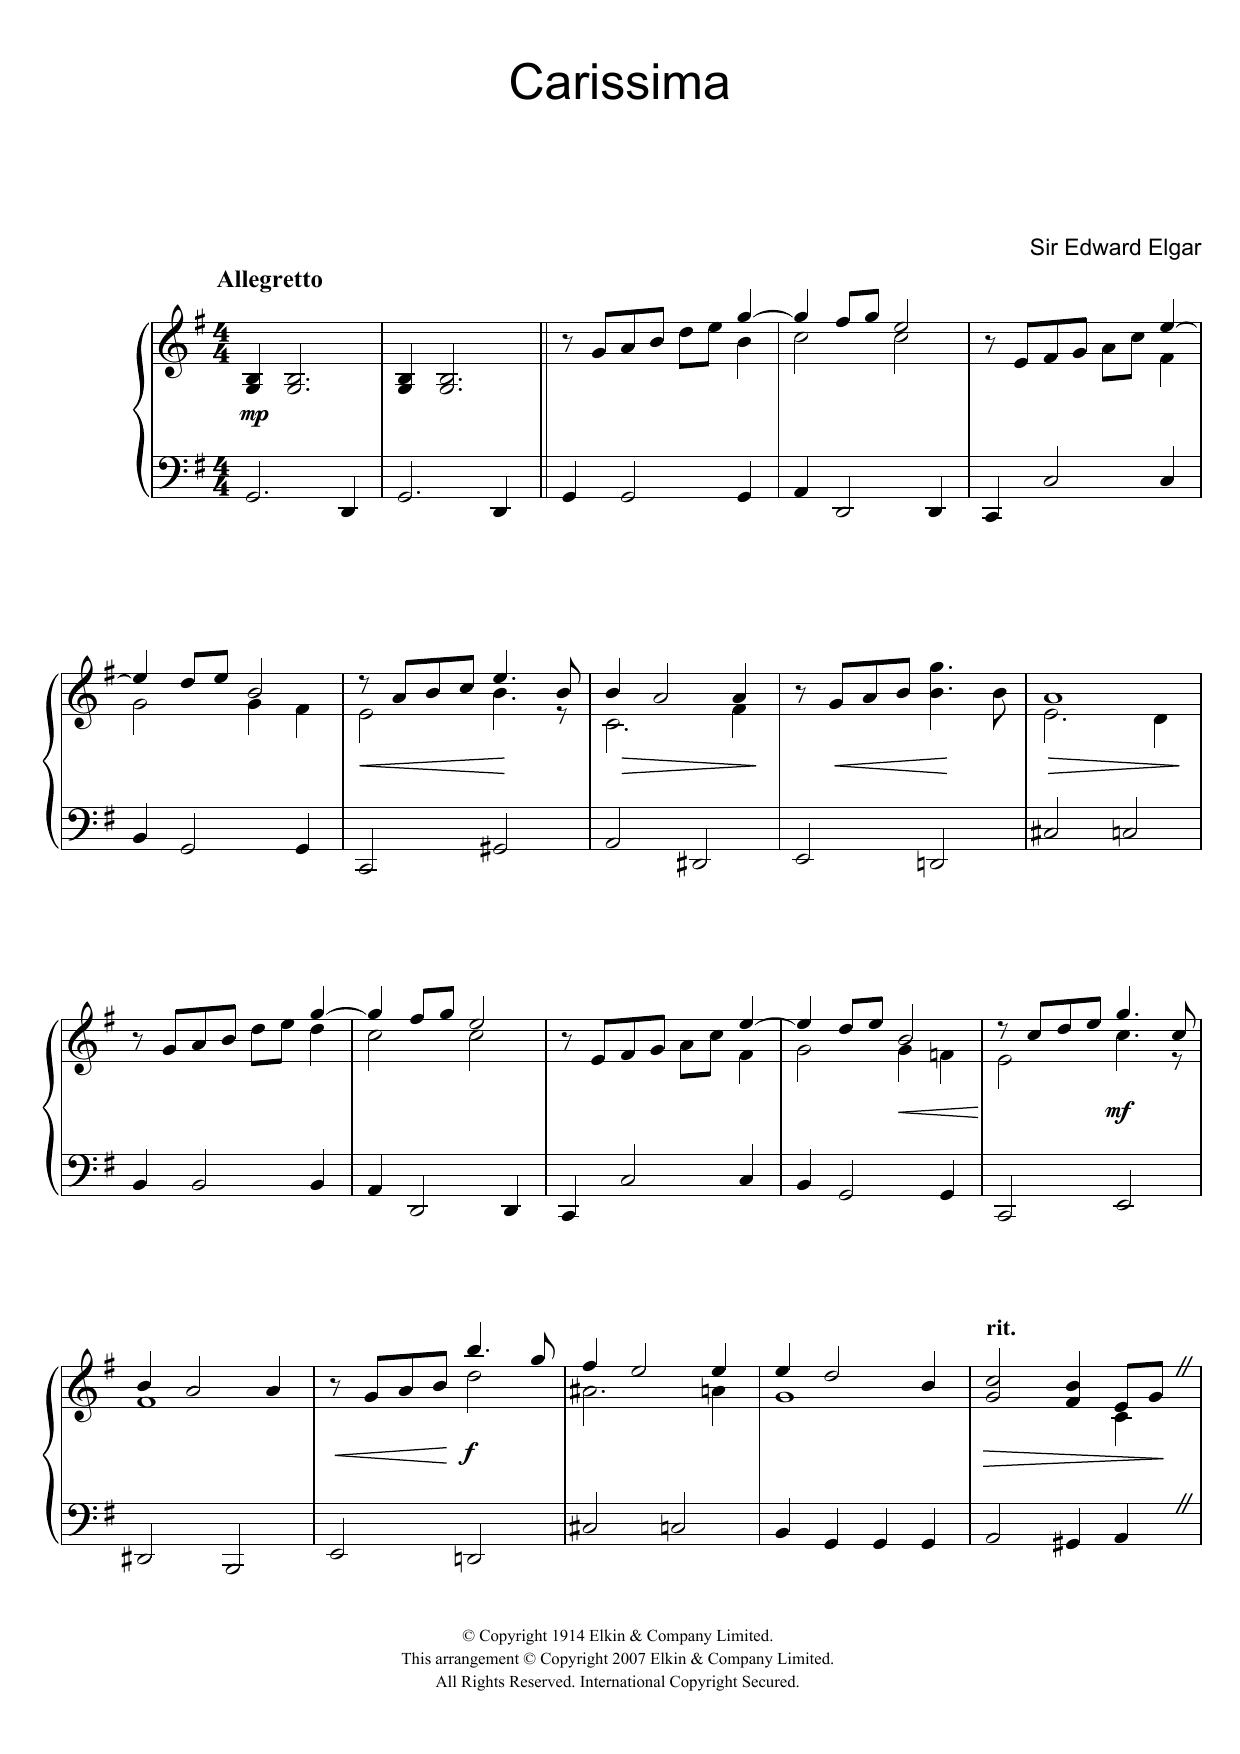 Edward Elgar - Carissima